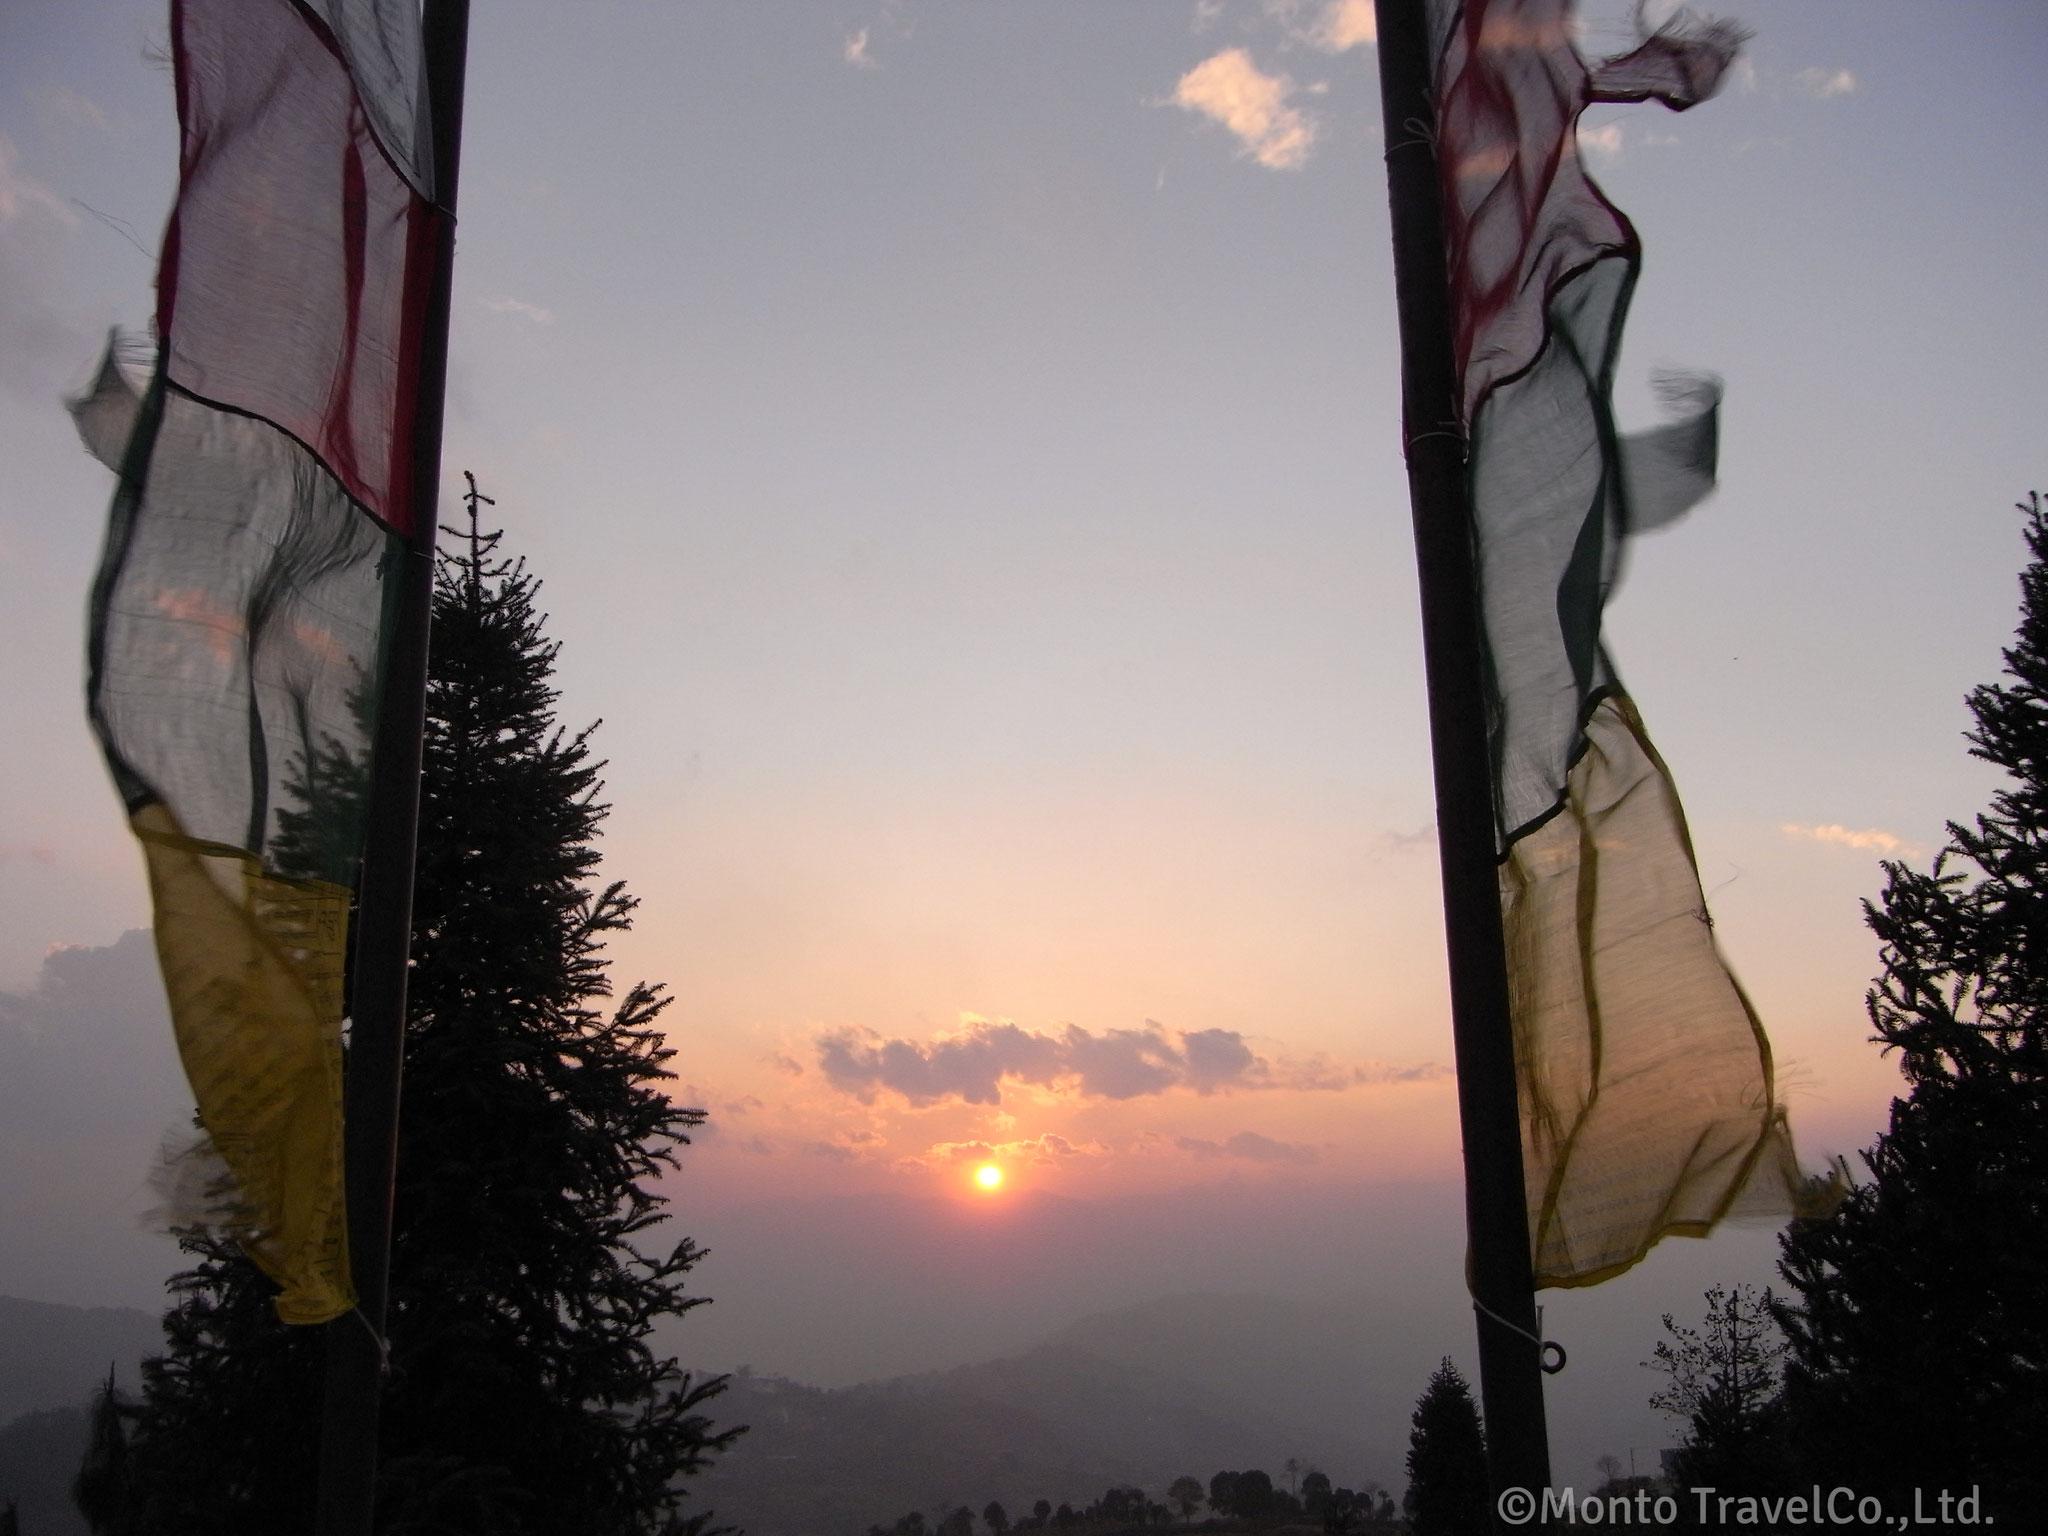 ナガルコット展望台からの夕日